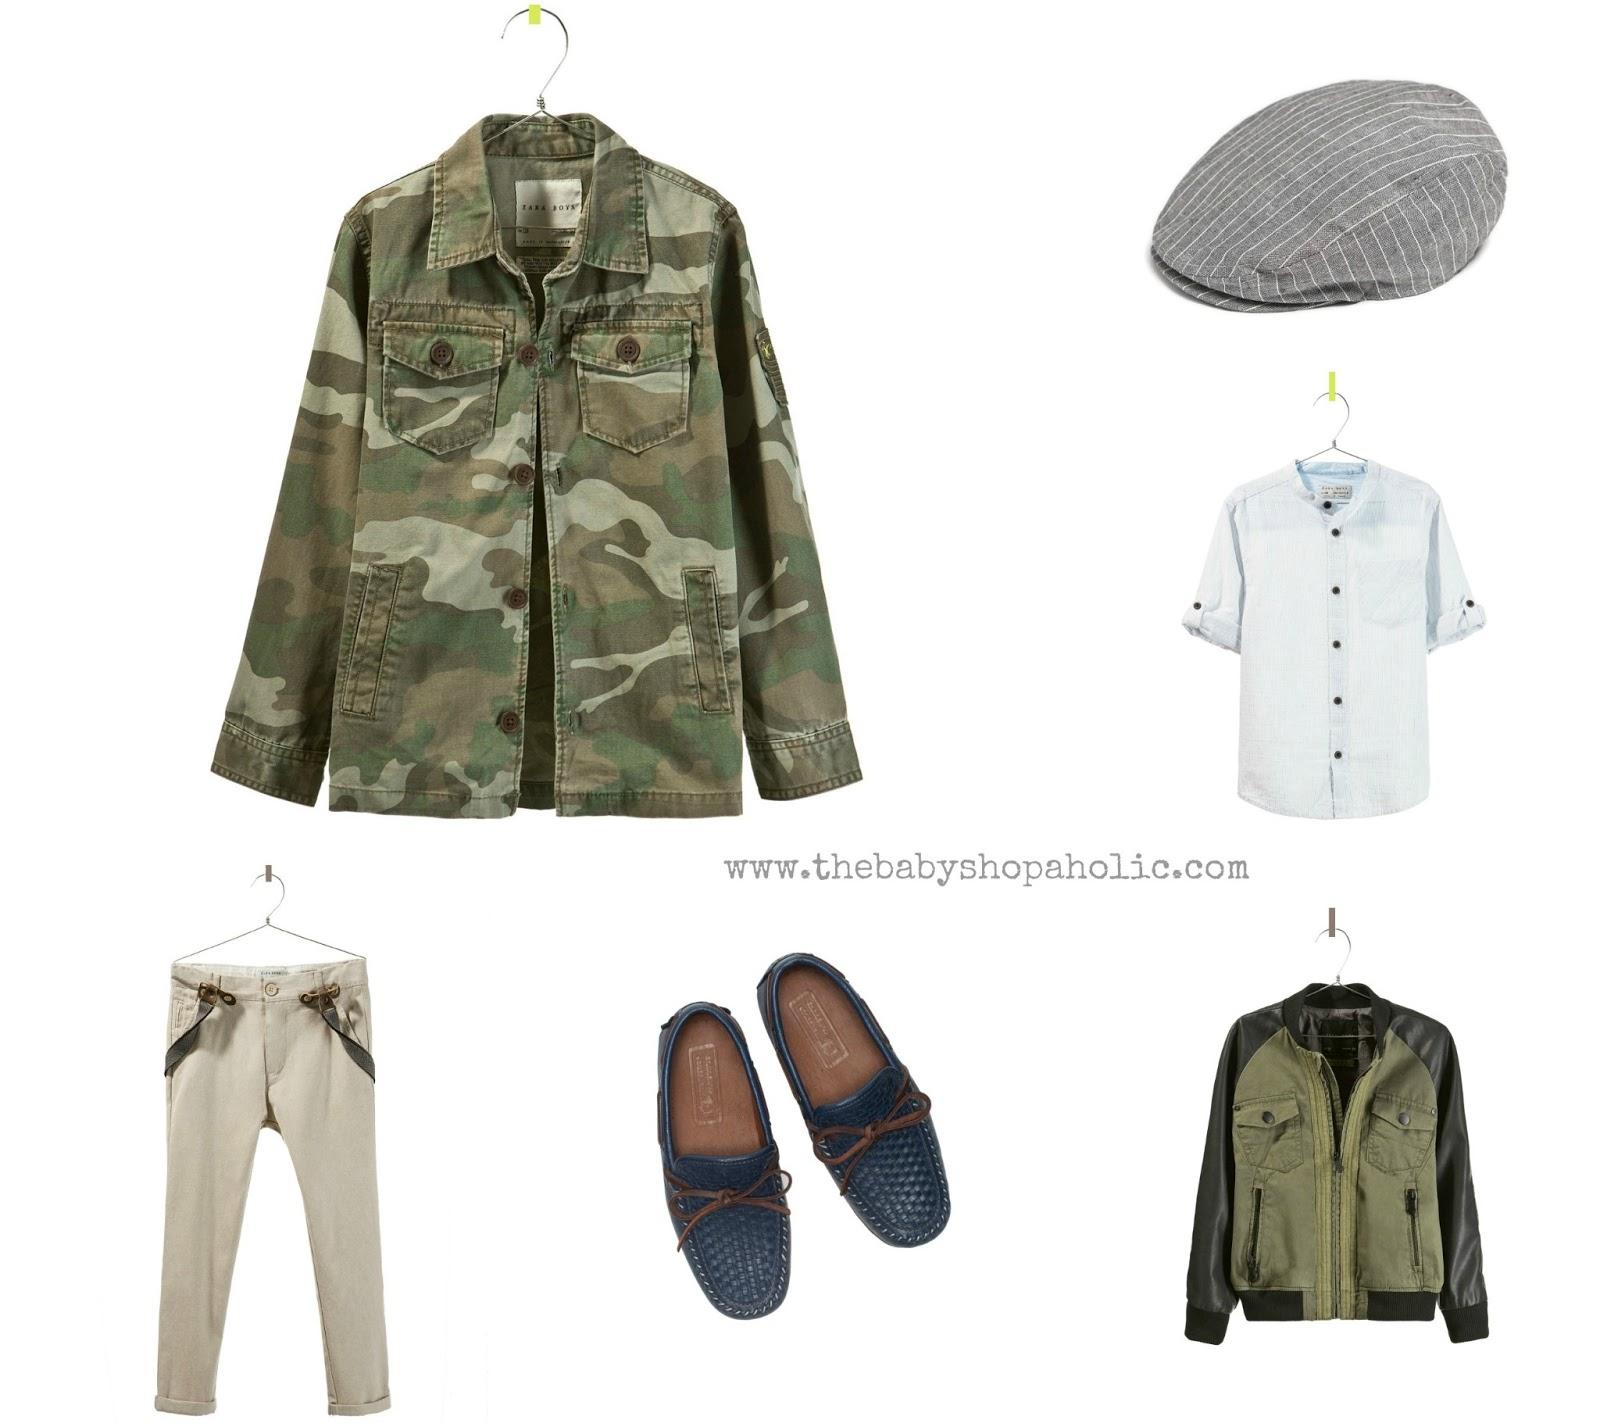 Zara children clothes online